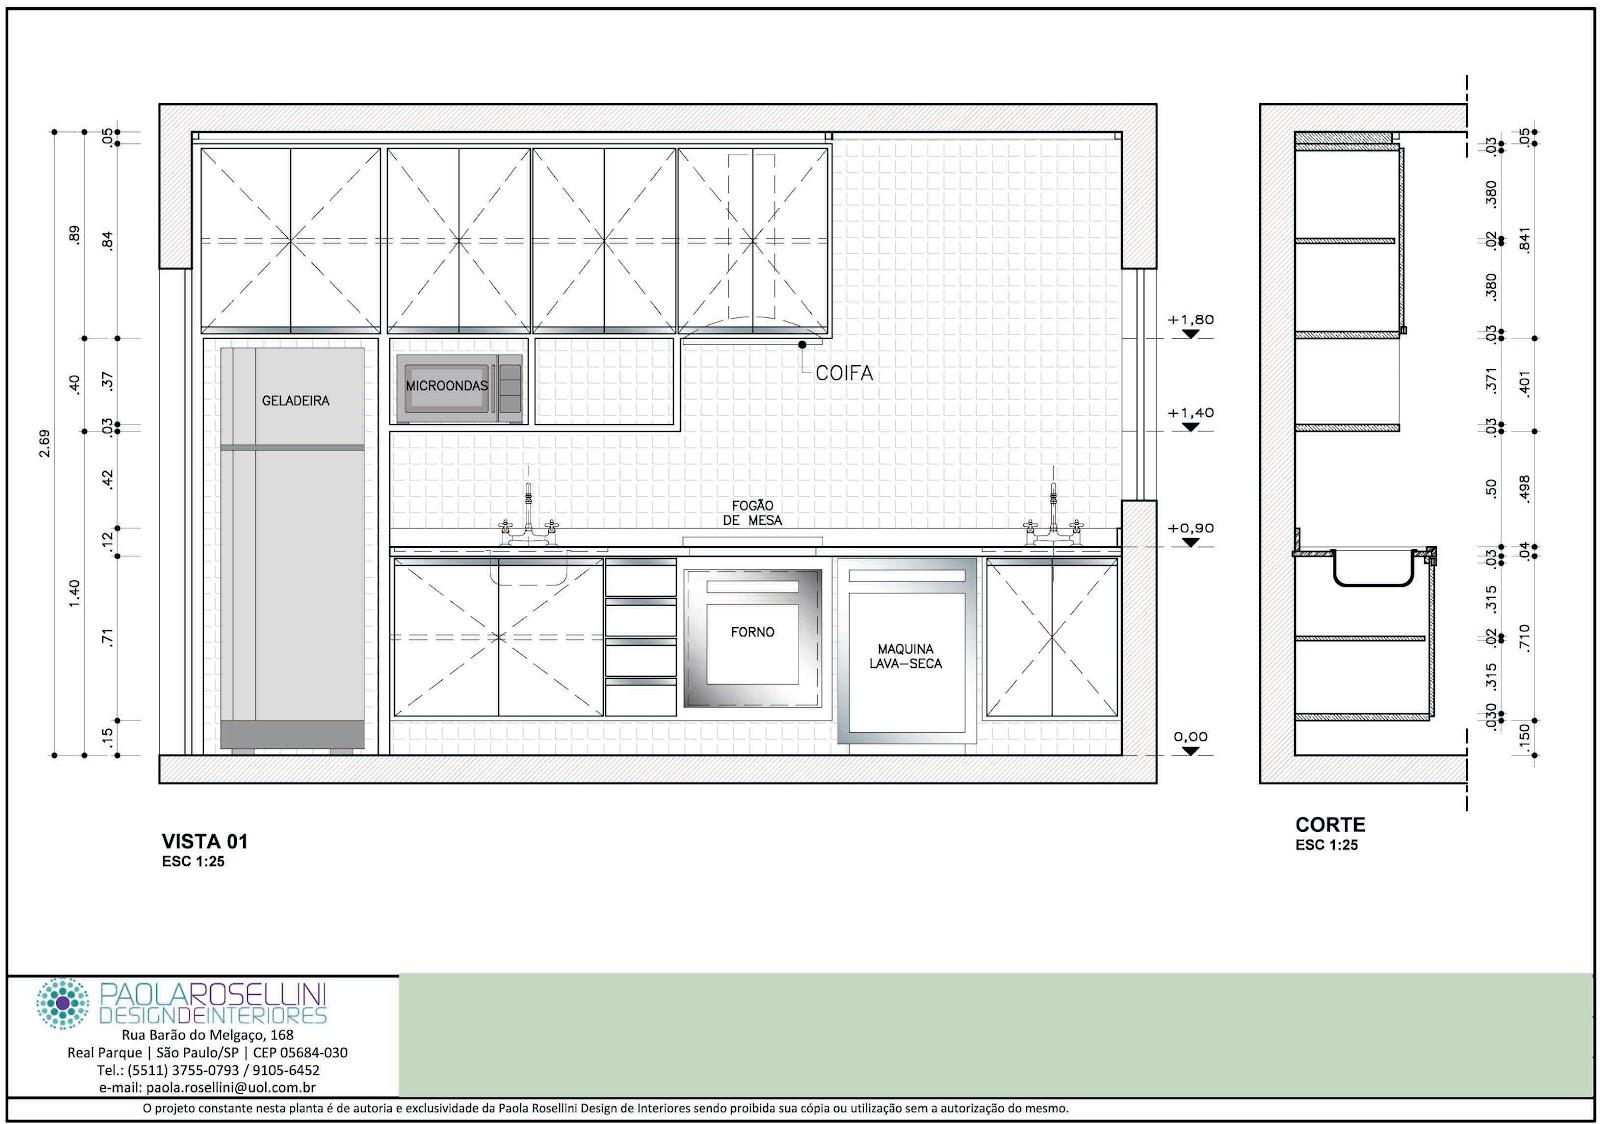 MARIANA PROJETISTA: Portifólio #12: Desenho de Mobiliário #503E65 1600 1124